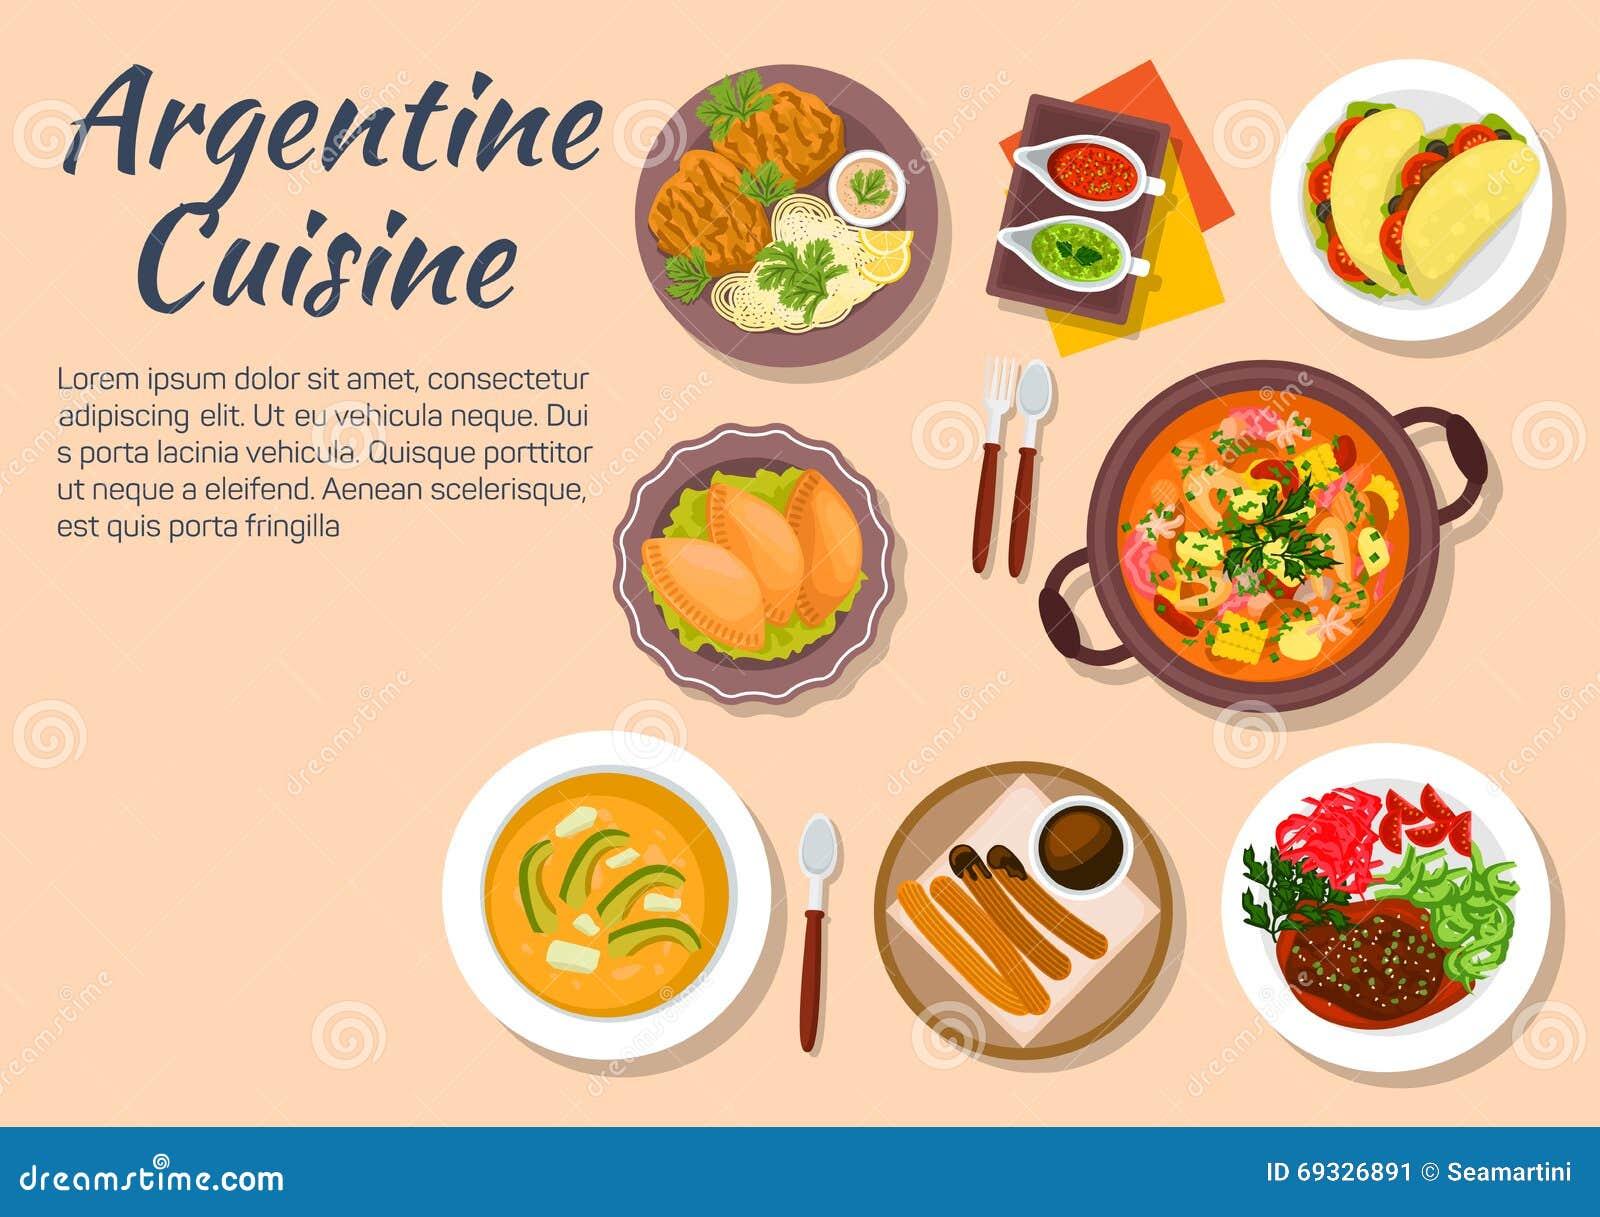 Autentisk disk av argentine kokkonst